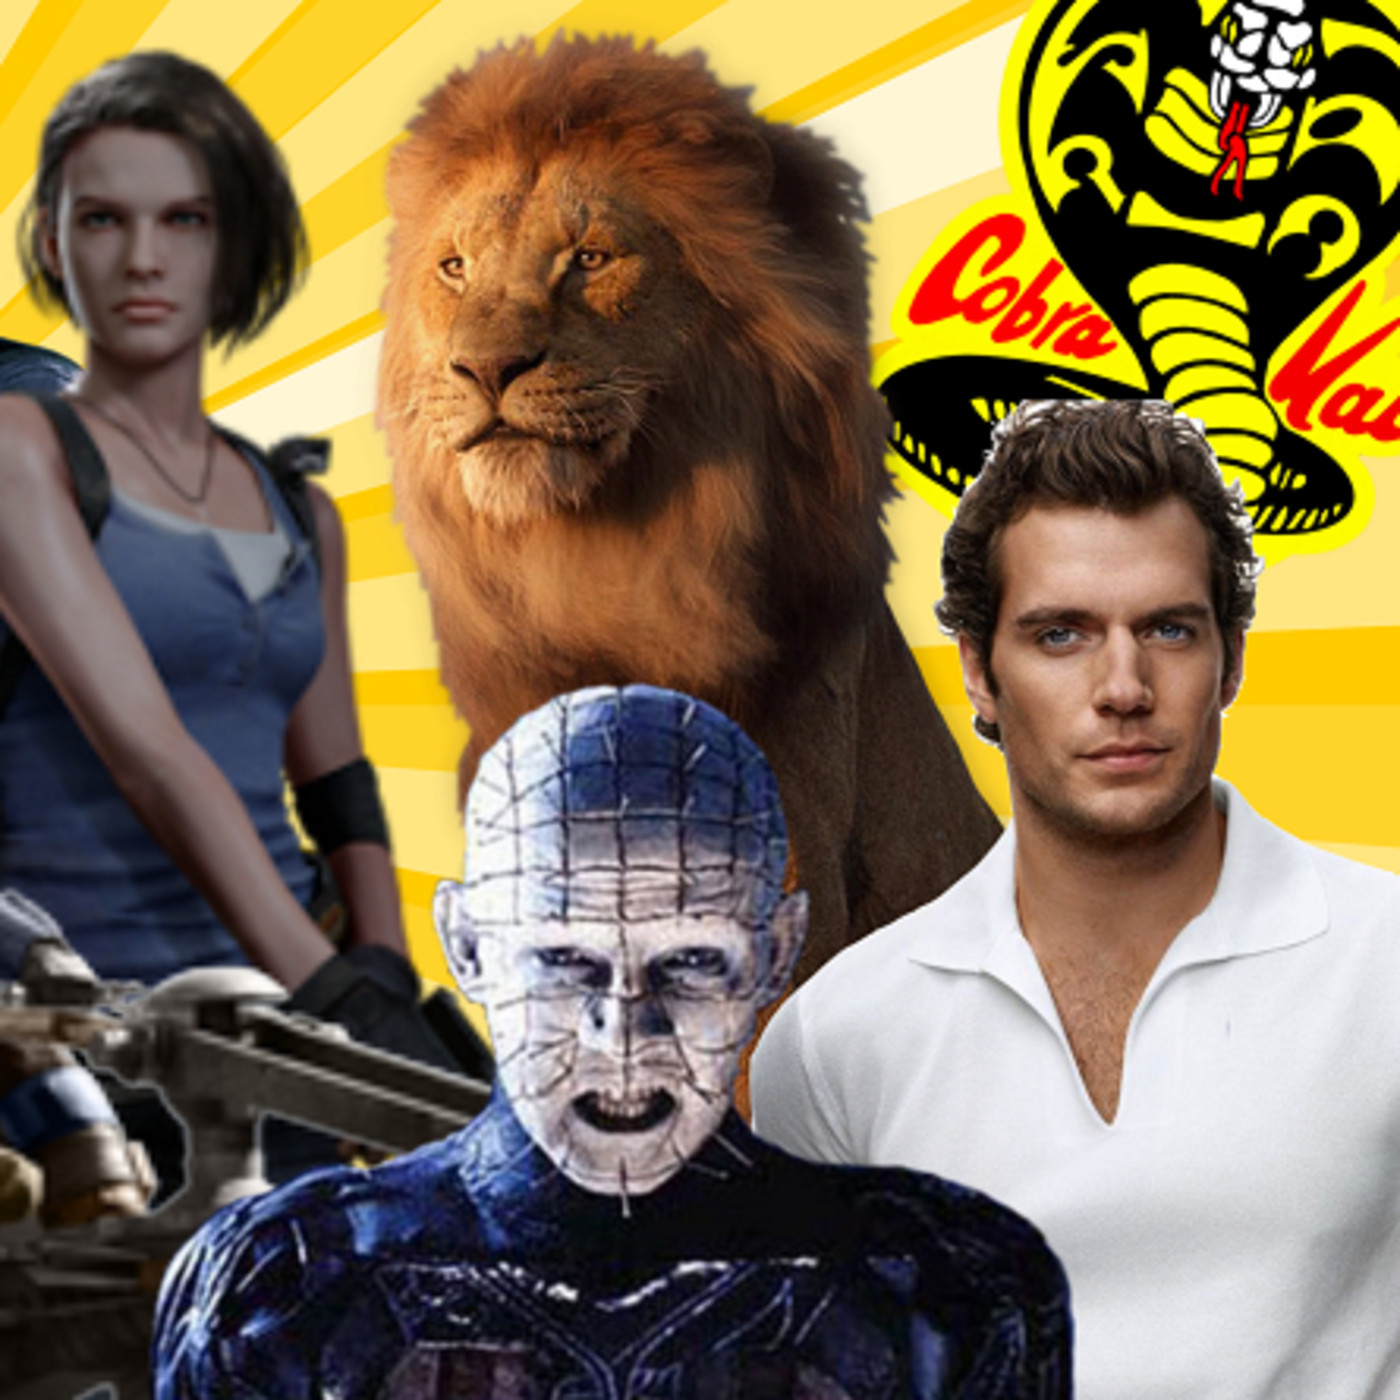 [NOTICIAS] - Jamie Foxx (Electro) en el MCU, Cobra Kai T3-4, Henry Cavill quiere ser 007, Rey León 2